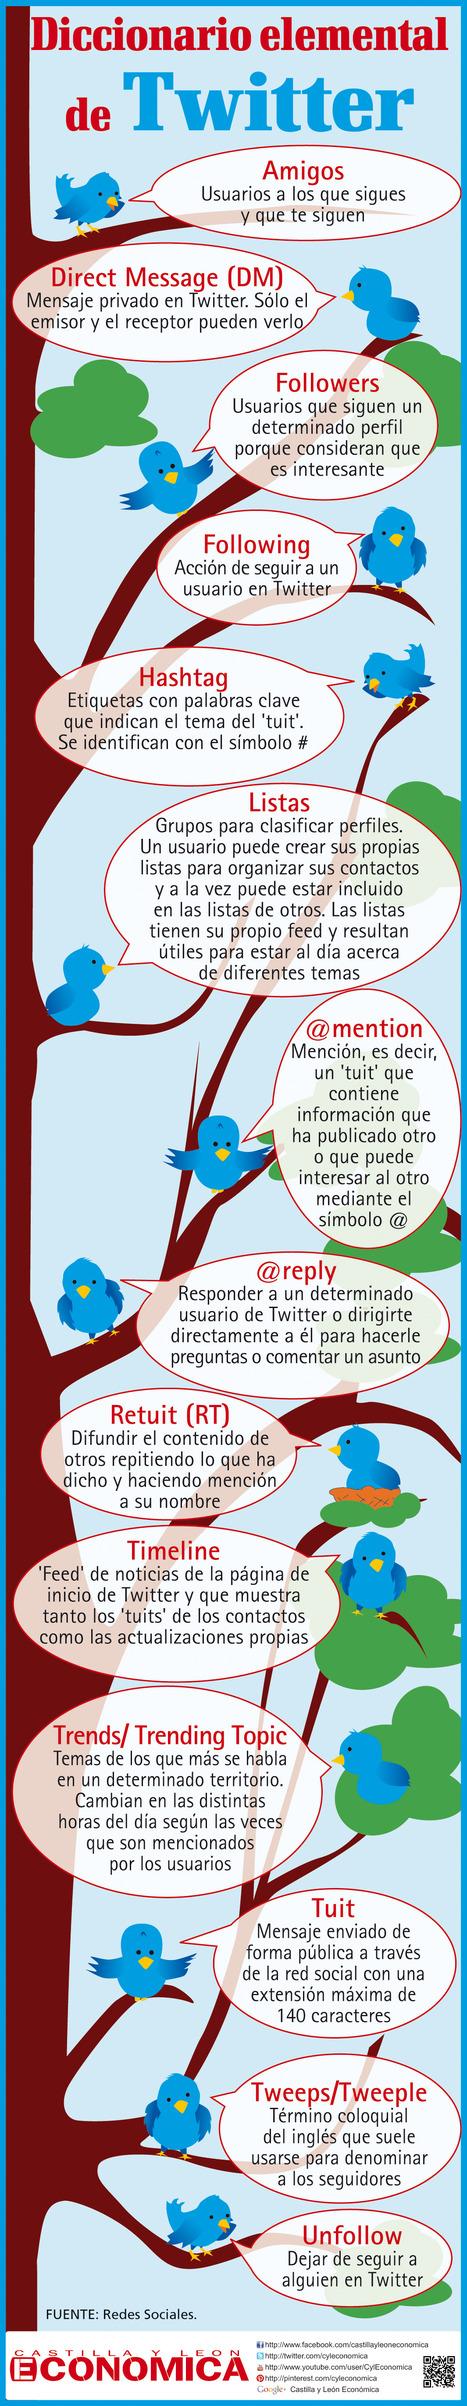 Diccionario elemental de Twitter #infografia ... - TICs y Formación   Pedalogica: educación y TIC   Scoop.it